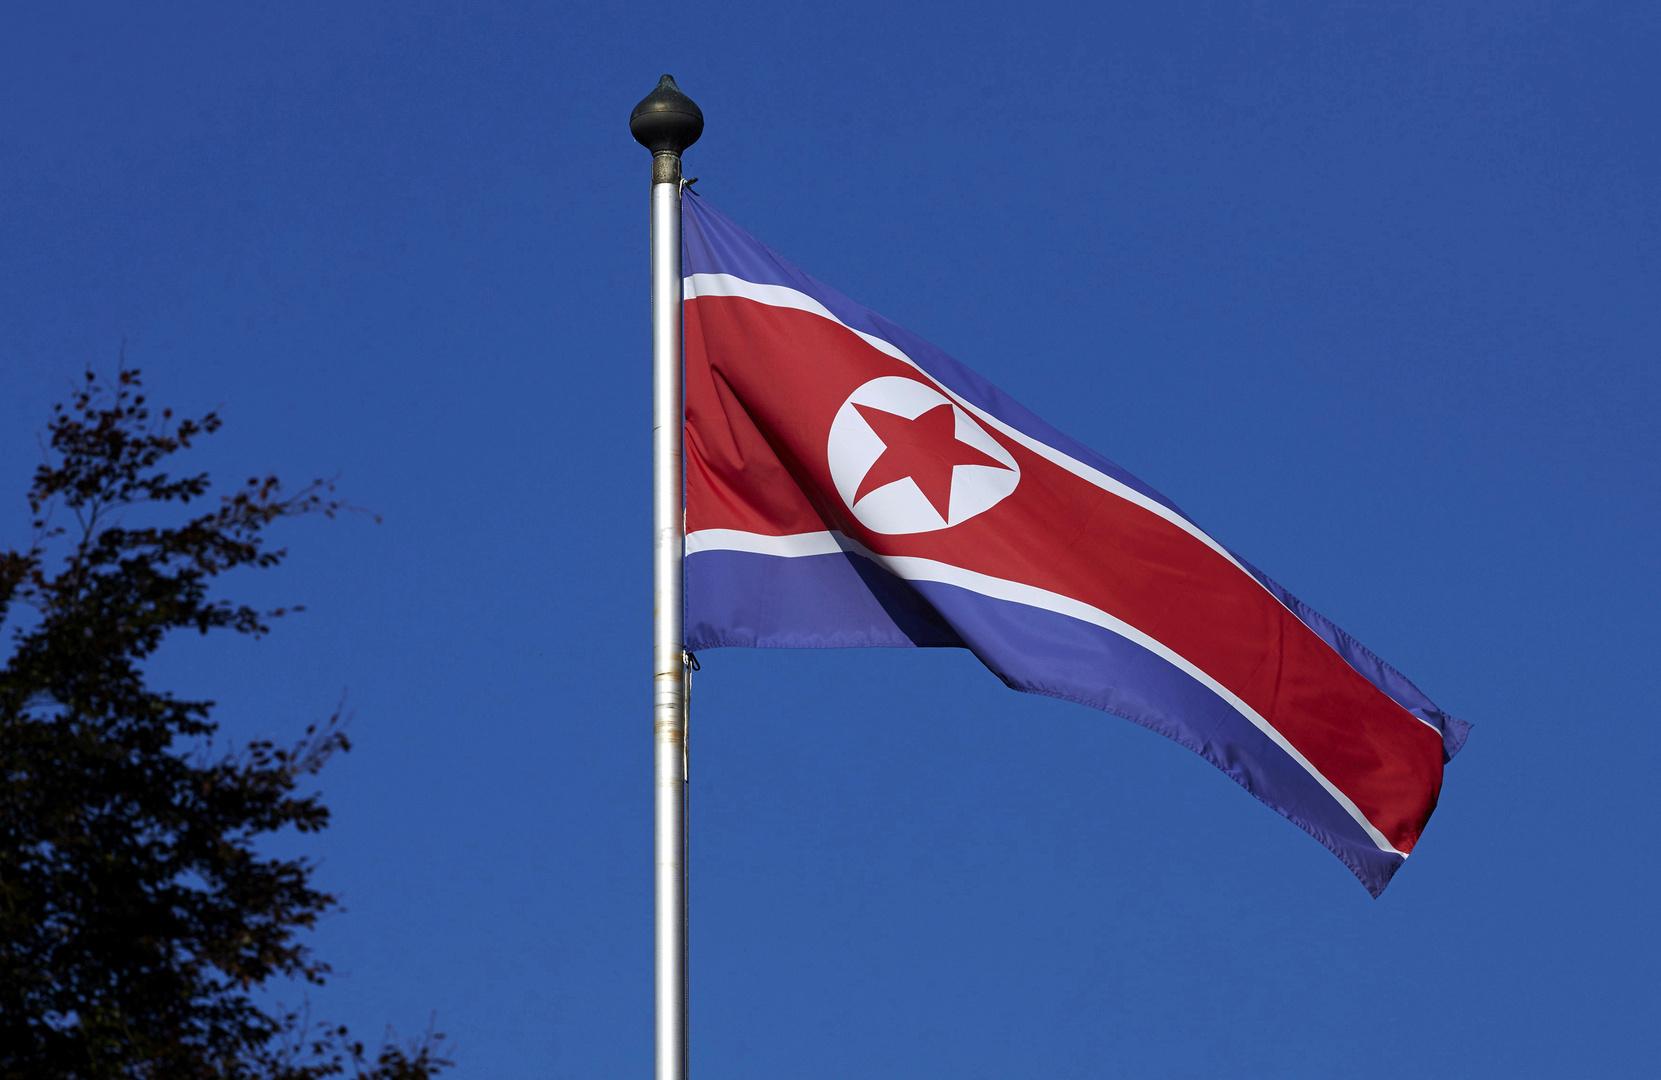 كوريا الشمالية ترفض التفاوض مع واشنطن